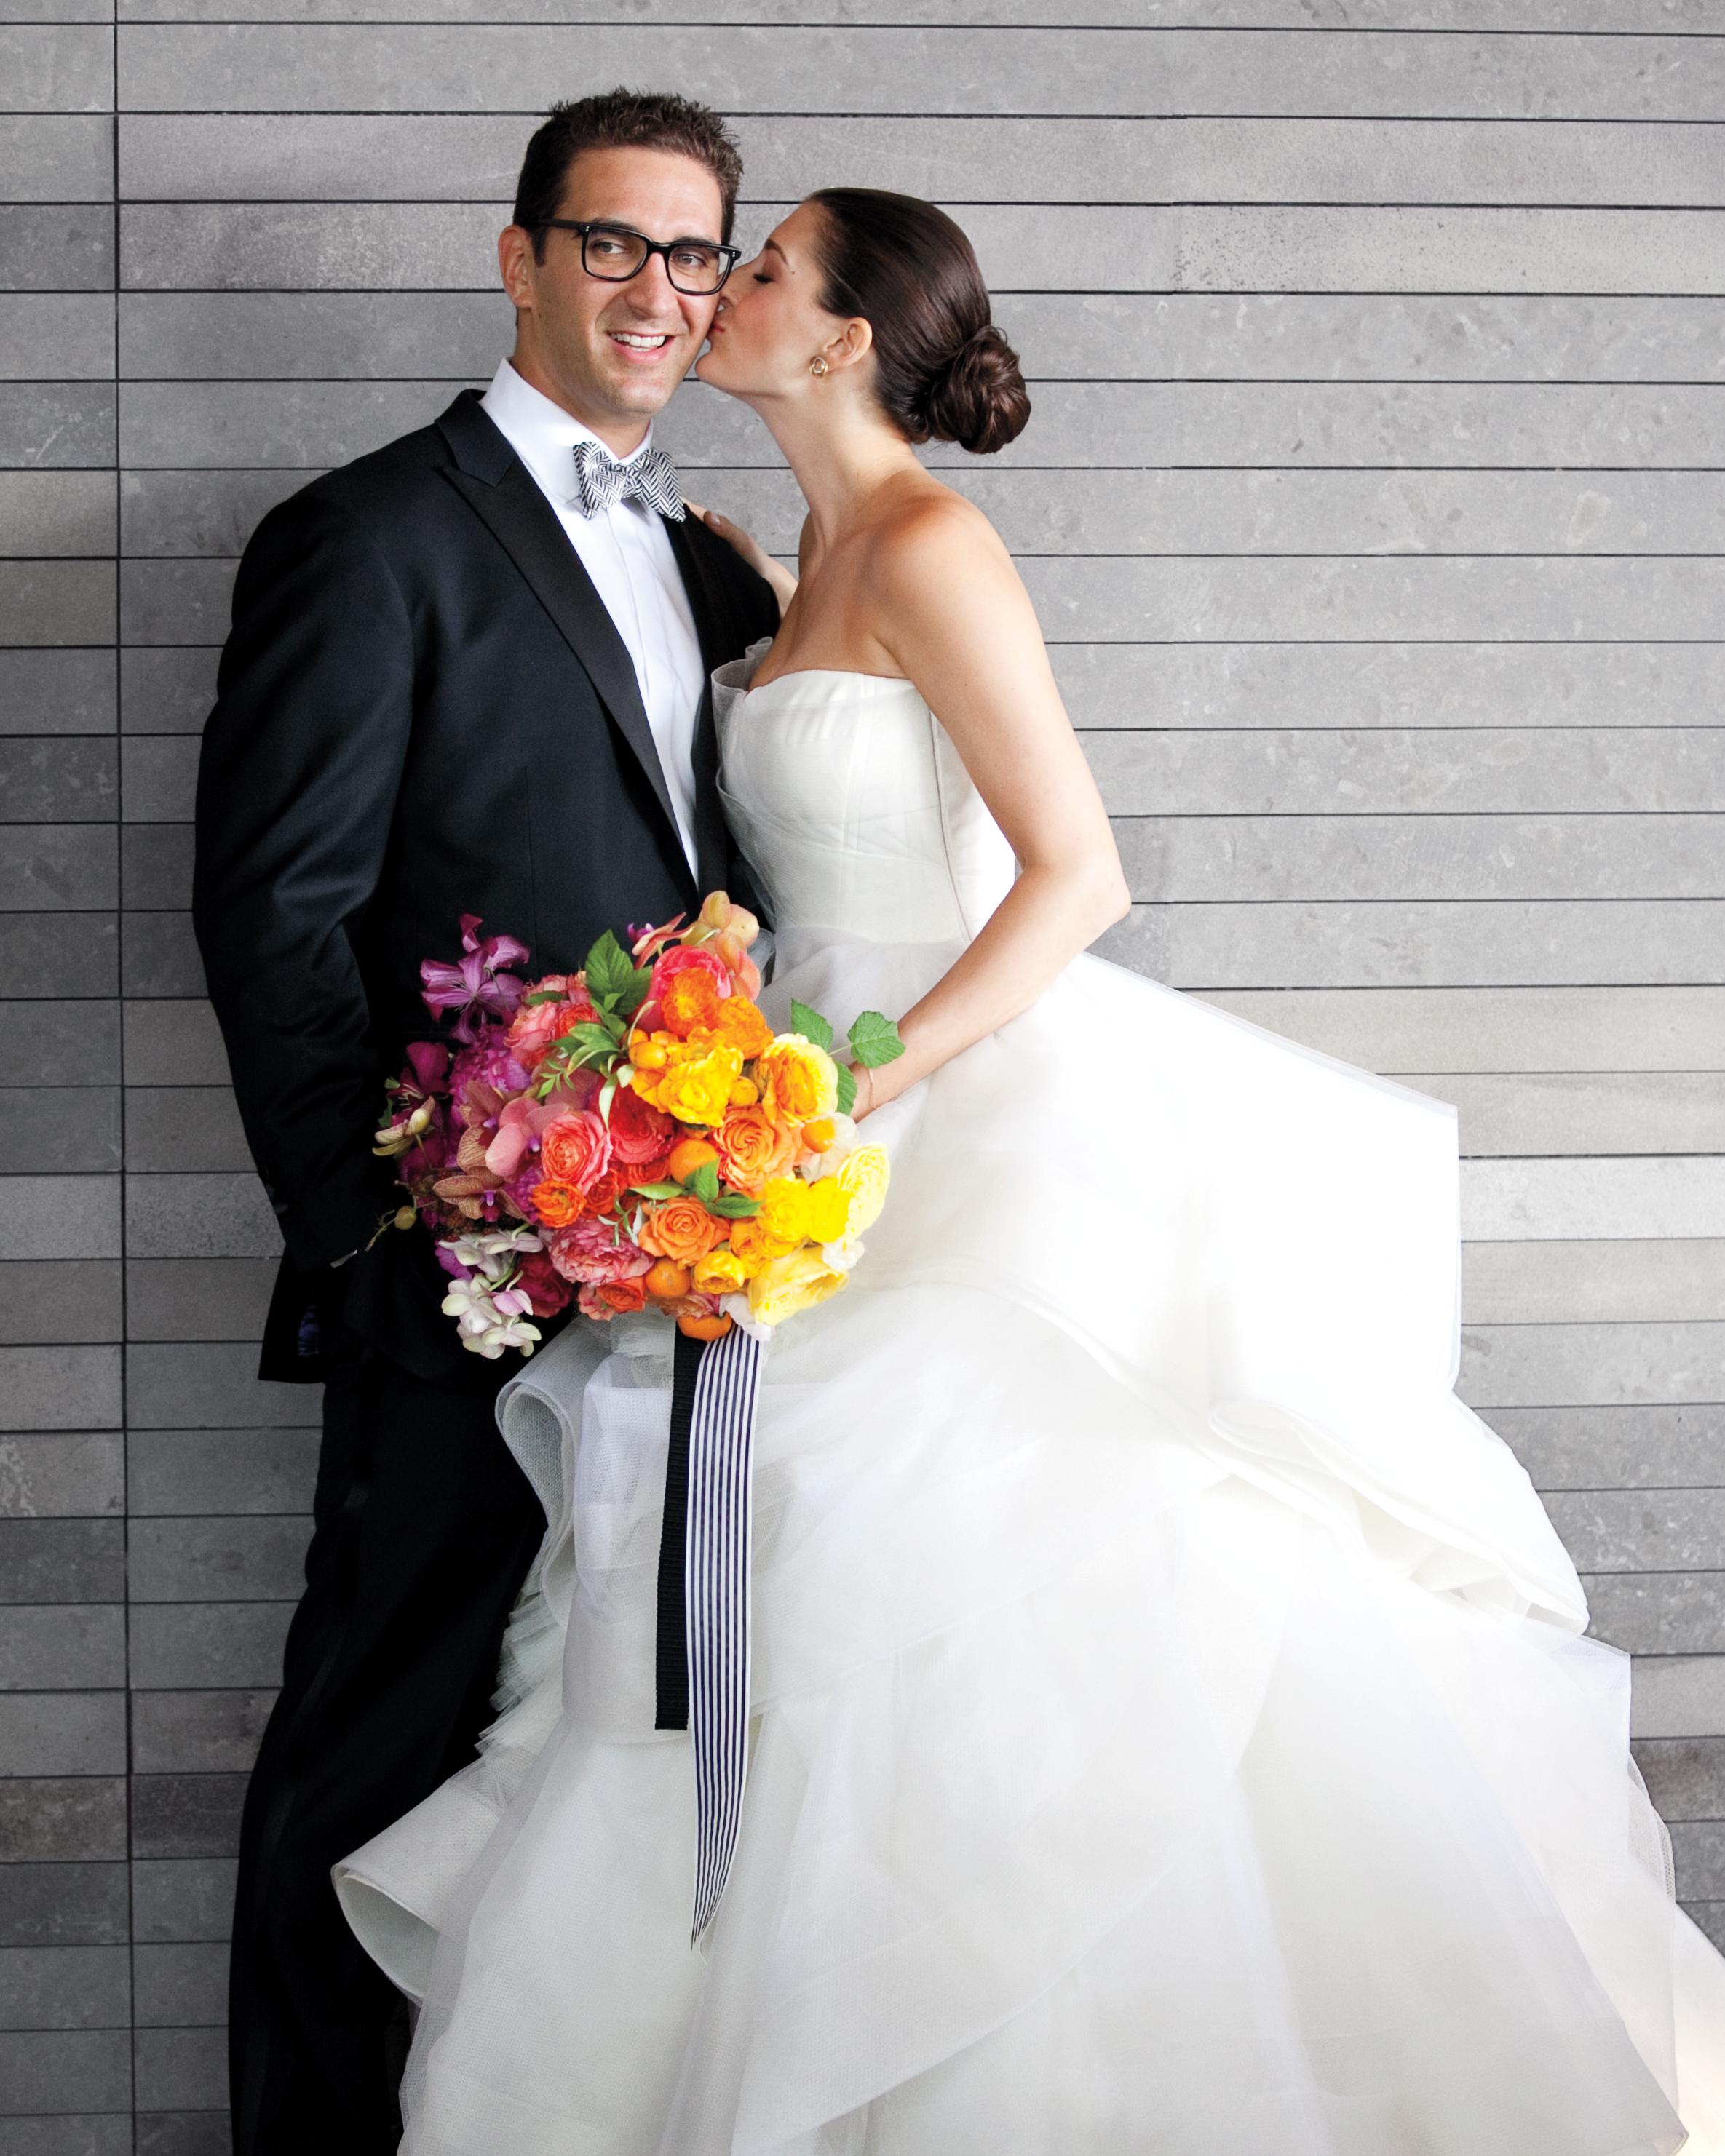 hanna-bret-bride-groom-ss0199-s111676.jpg